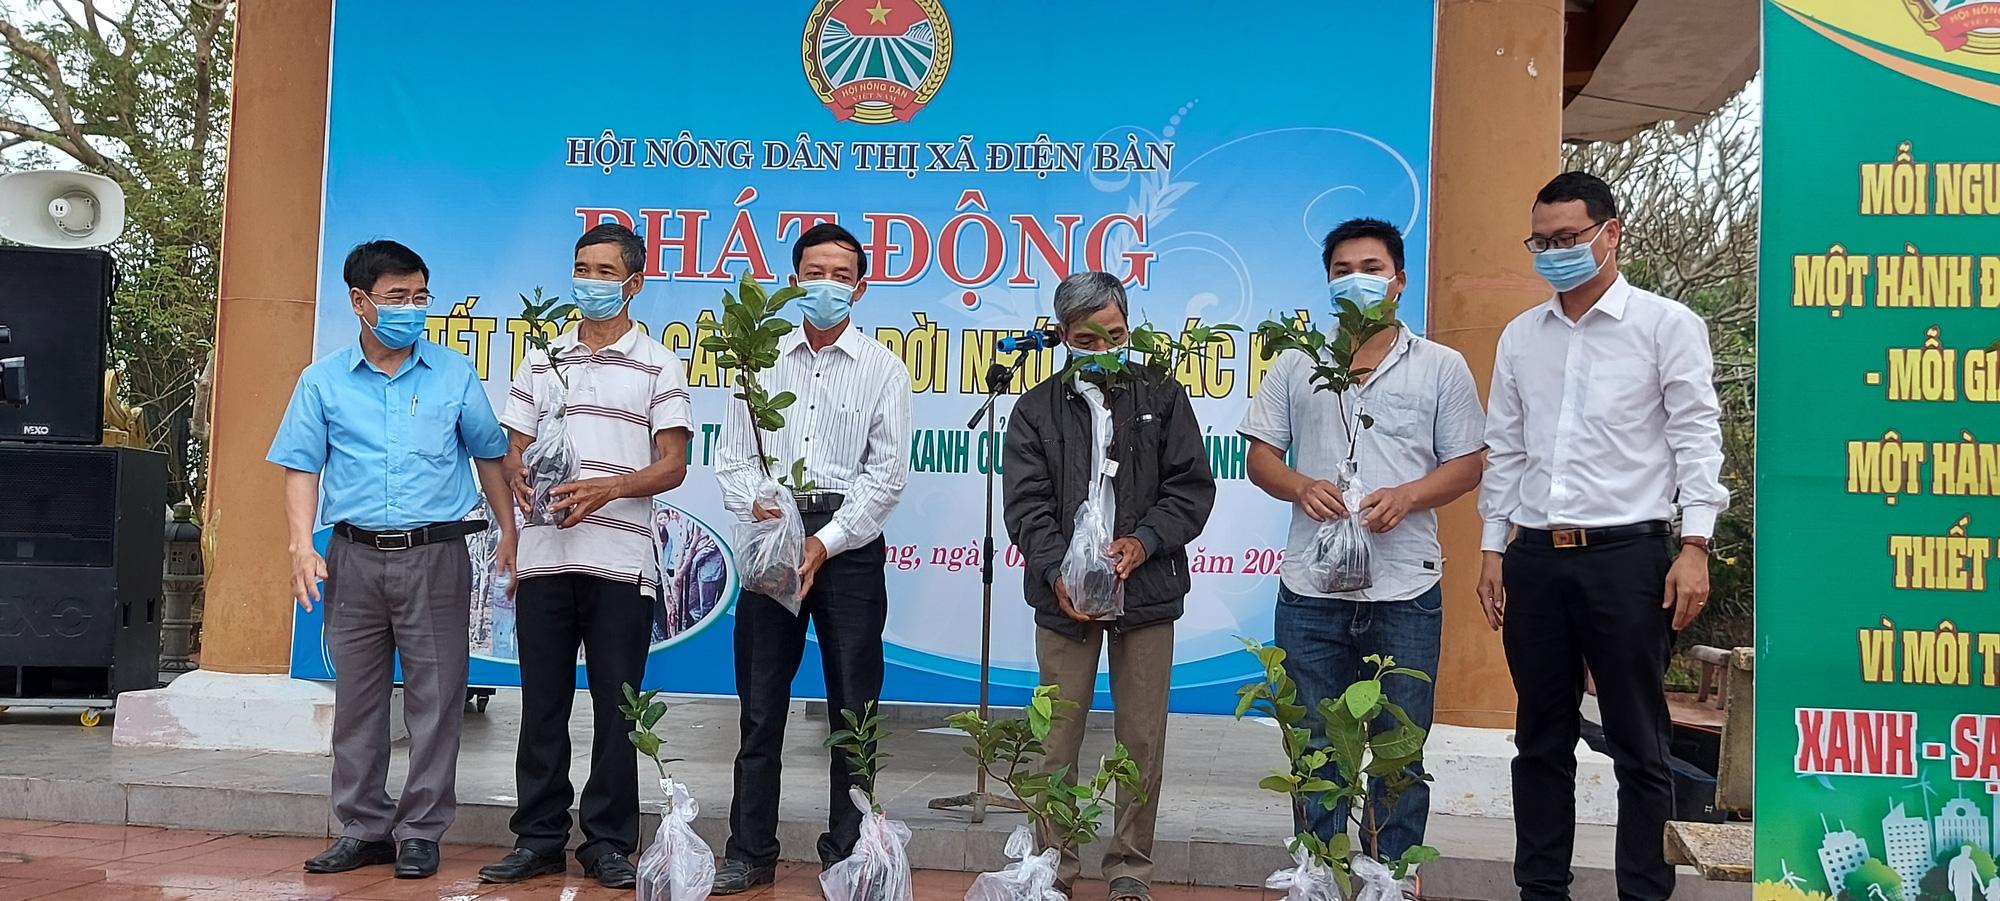 Quảng Nam: Cán bộ, hội viên nông dân Điện Bàn trồng 4.000 cây ăn quả - Ảnh 1.